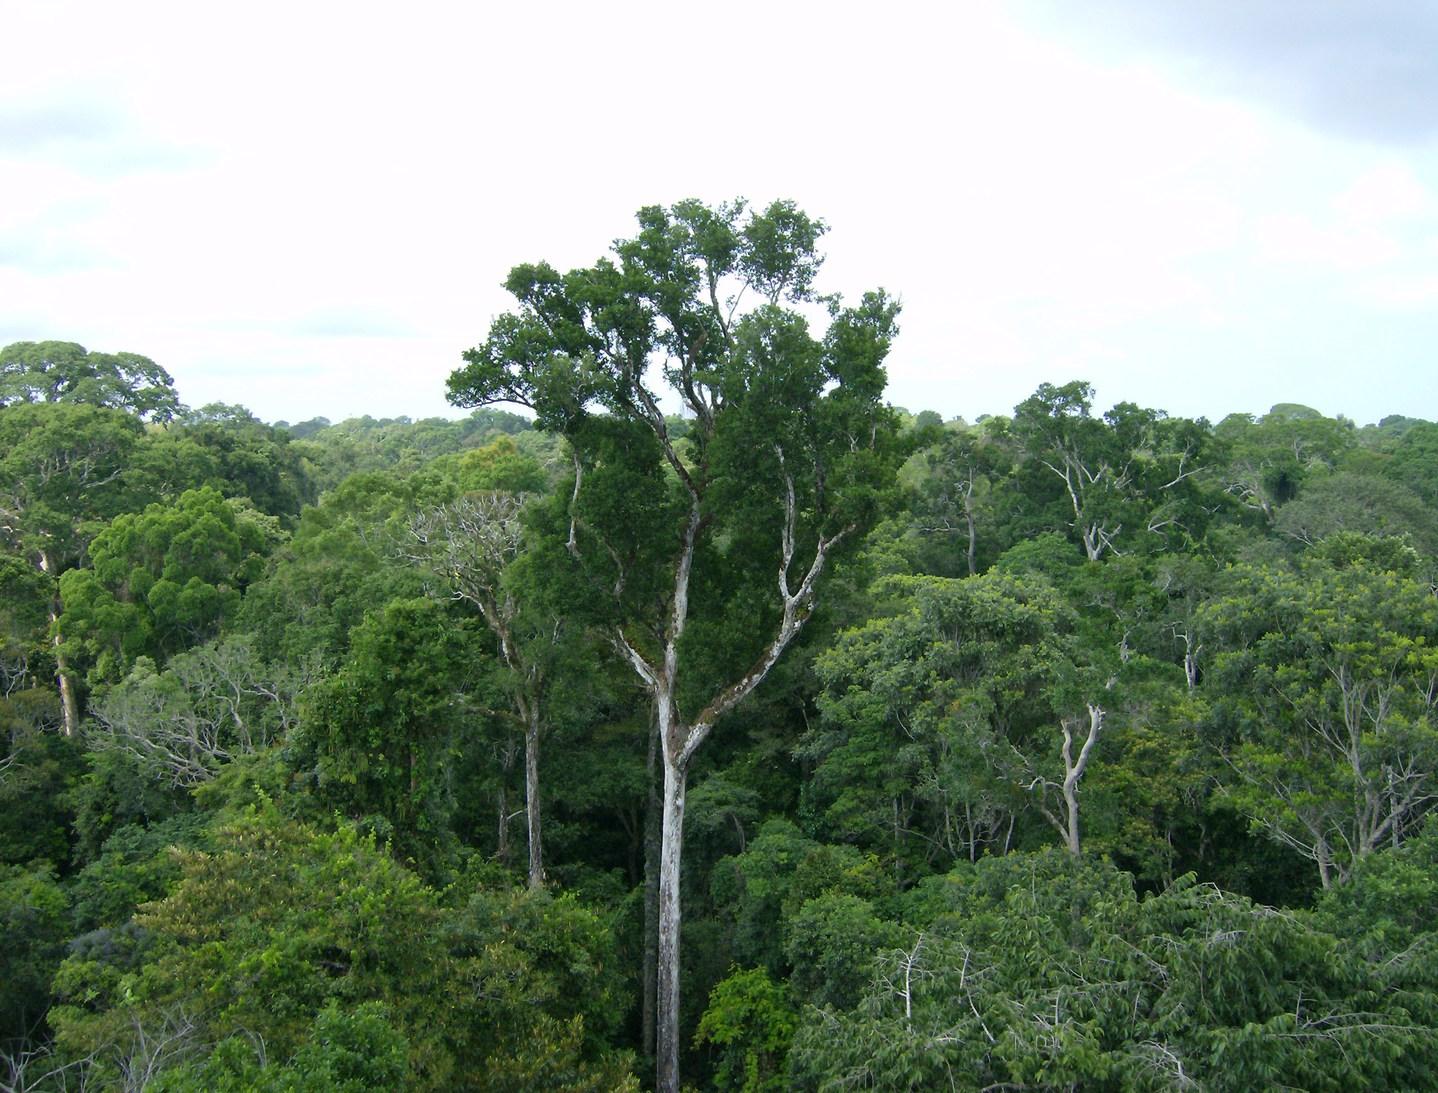 Idős amazonasi fák a brazíliai Tapajós Nemzeti Parkban (Fotó: NASA/JPL-Caltech)